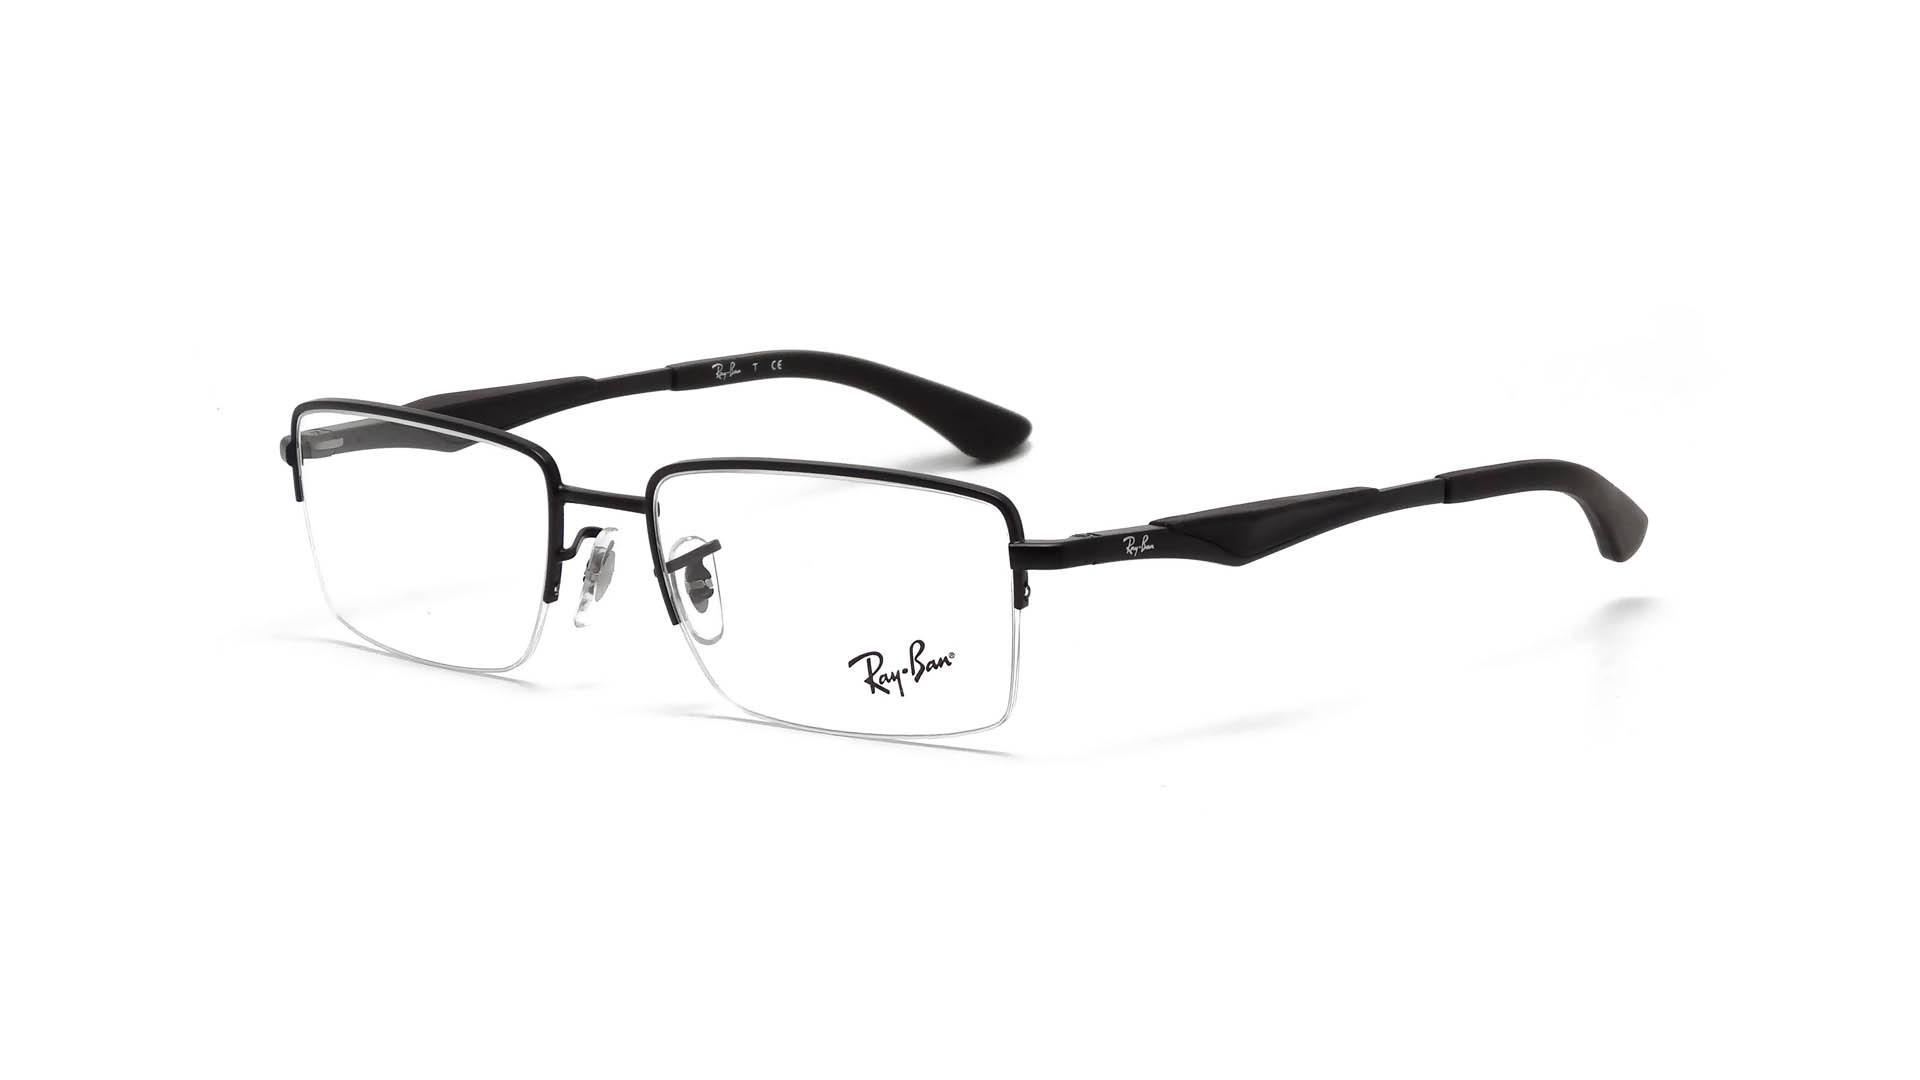 174bc0e955 Ray Ban RB 6285 2503 Black Eyeglasses RX 51mm - 158